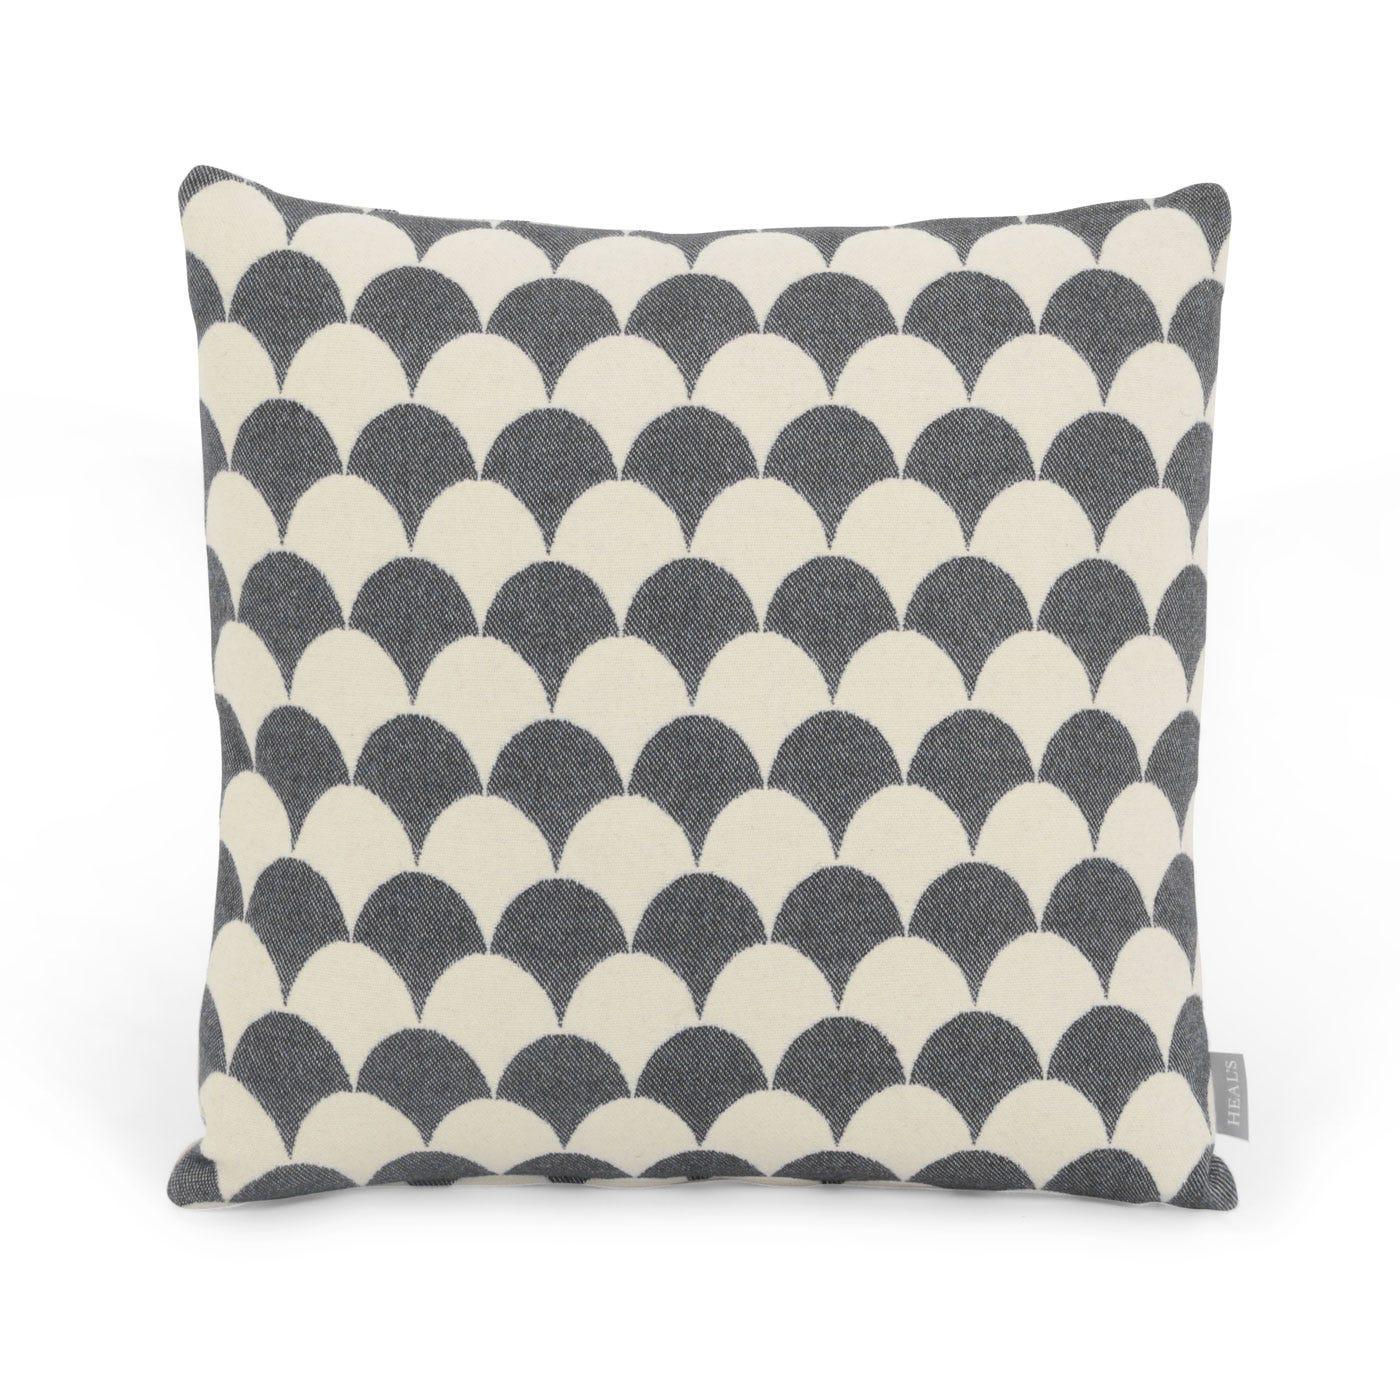 Scale Cushion Grey